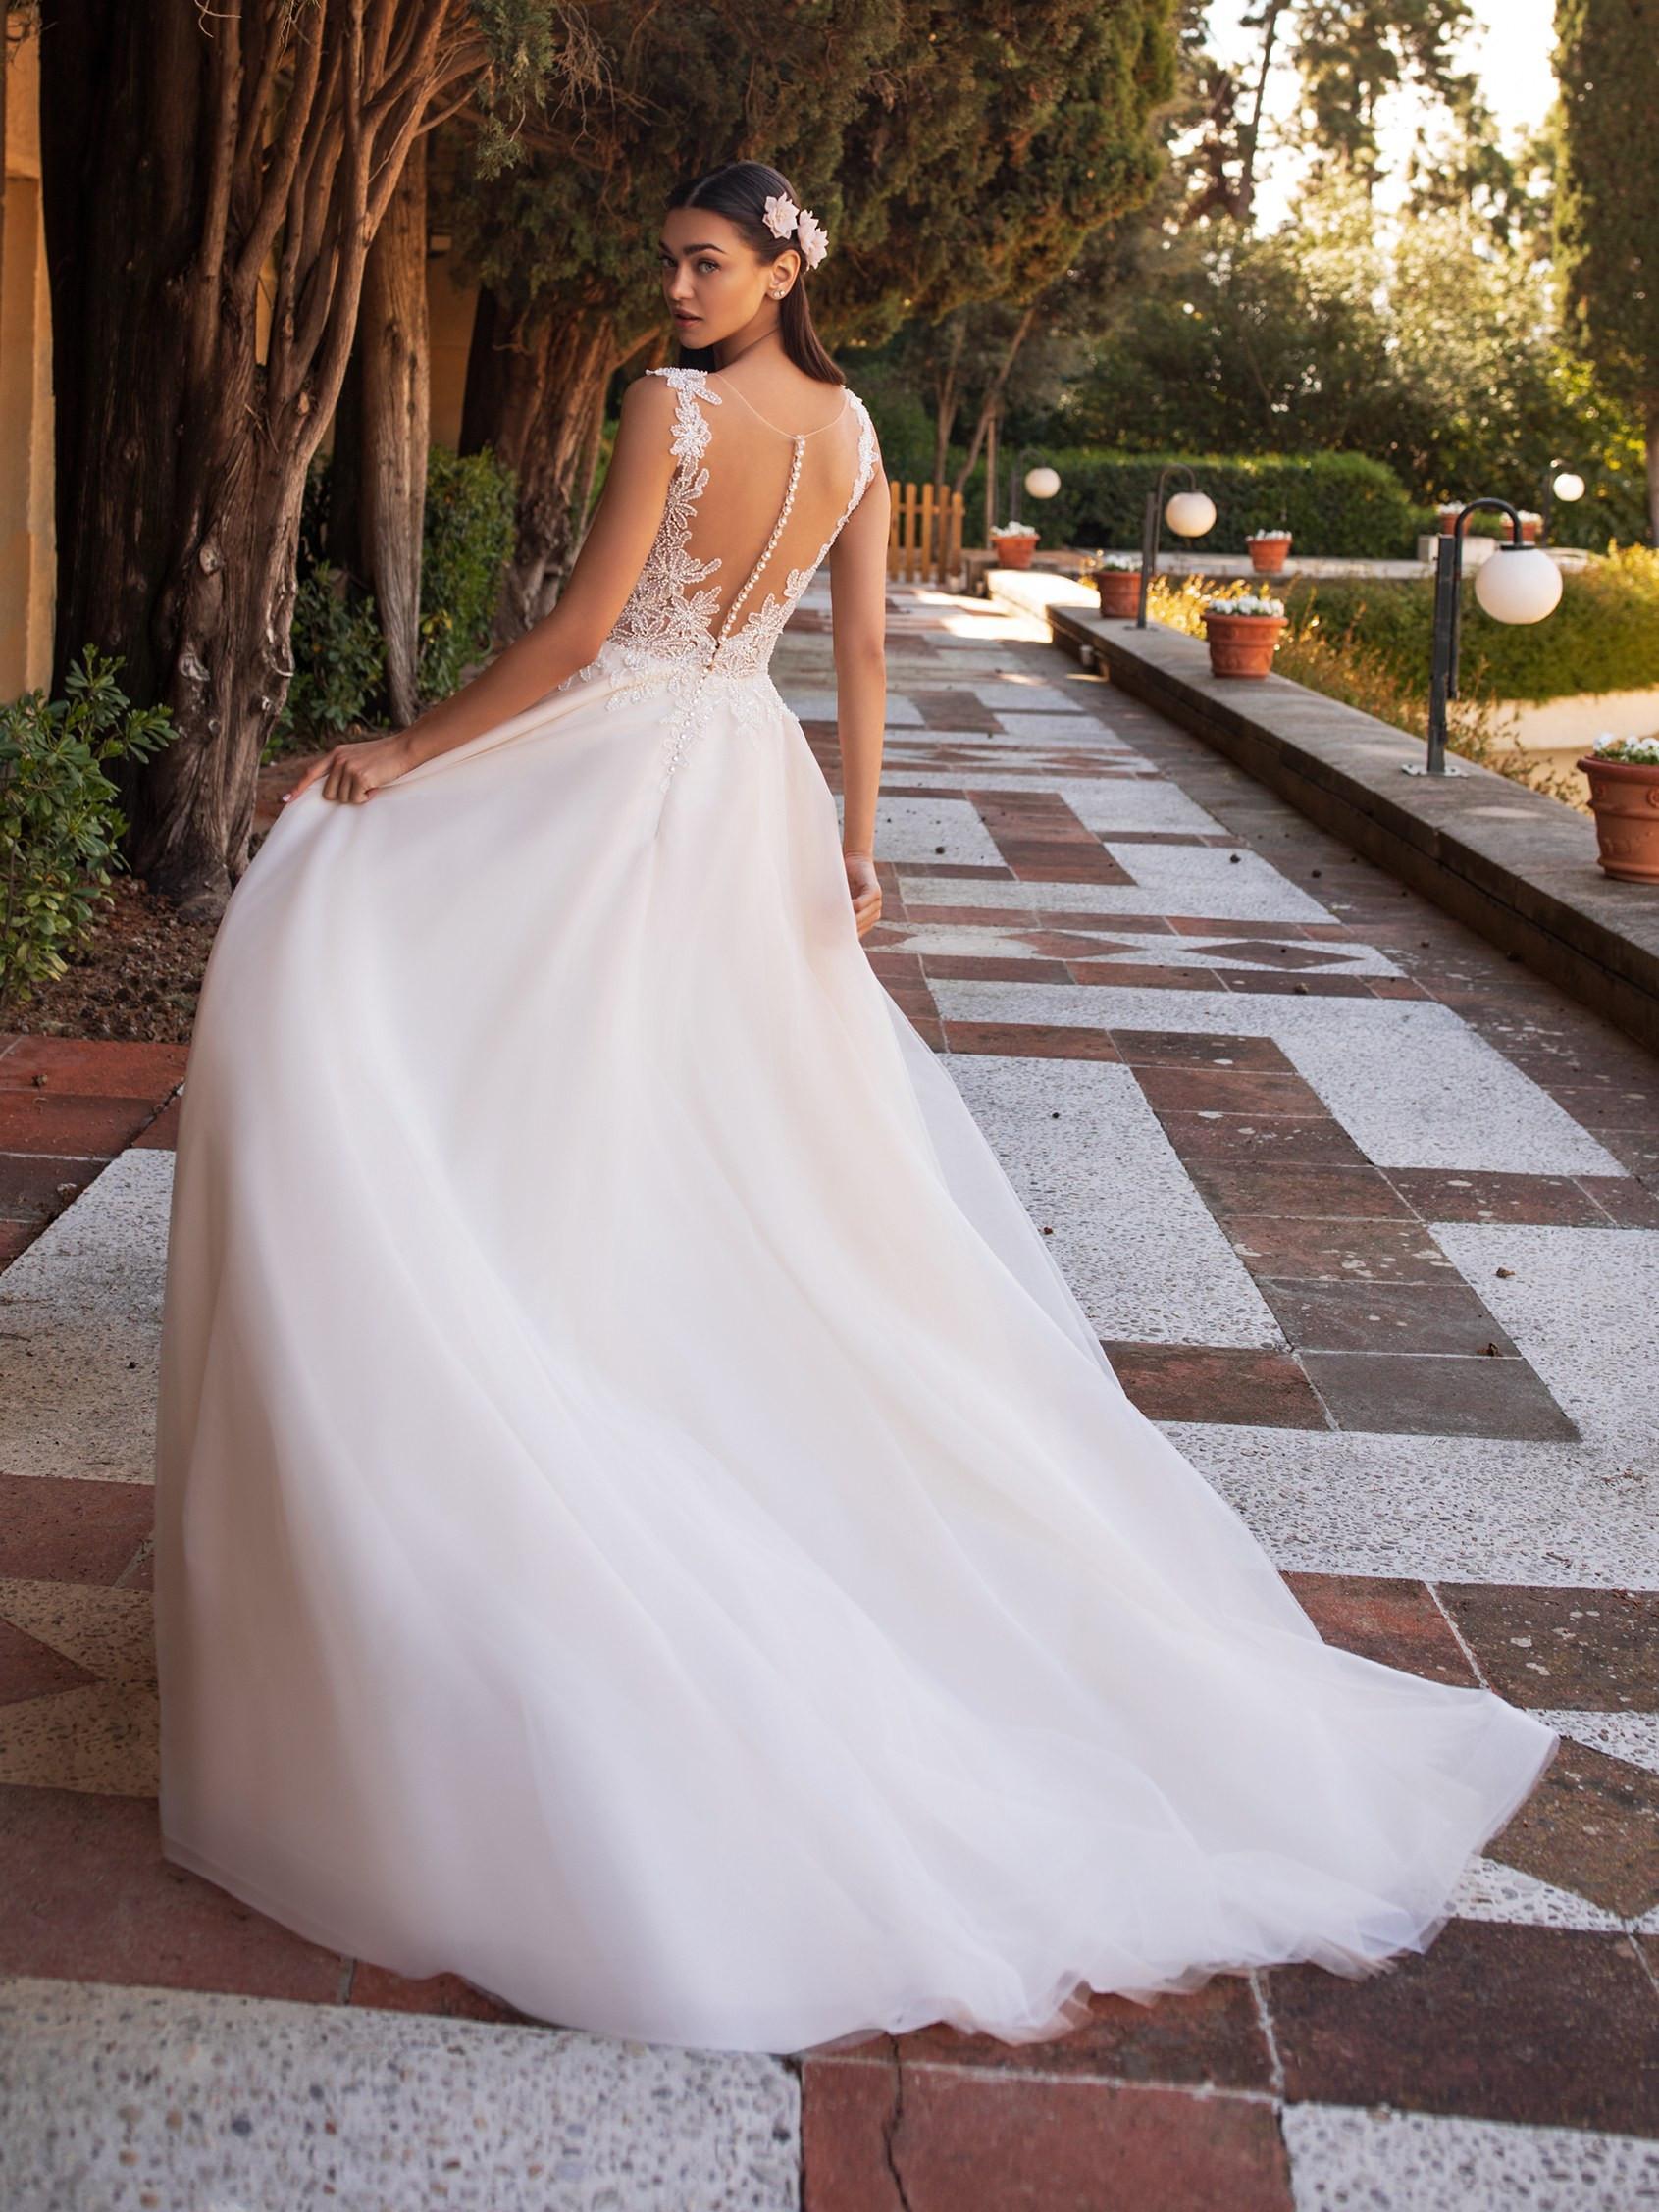 Io esküvői ruha - Pronovias 2021